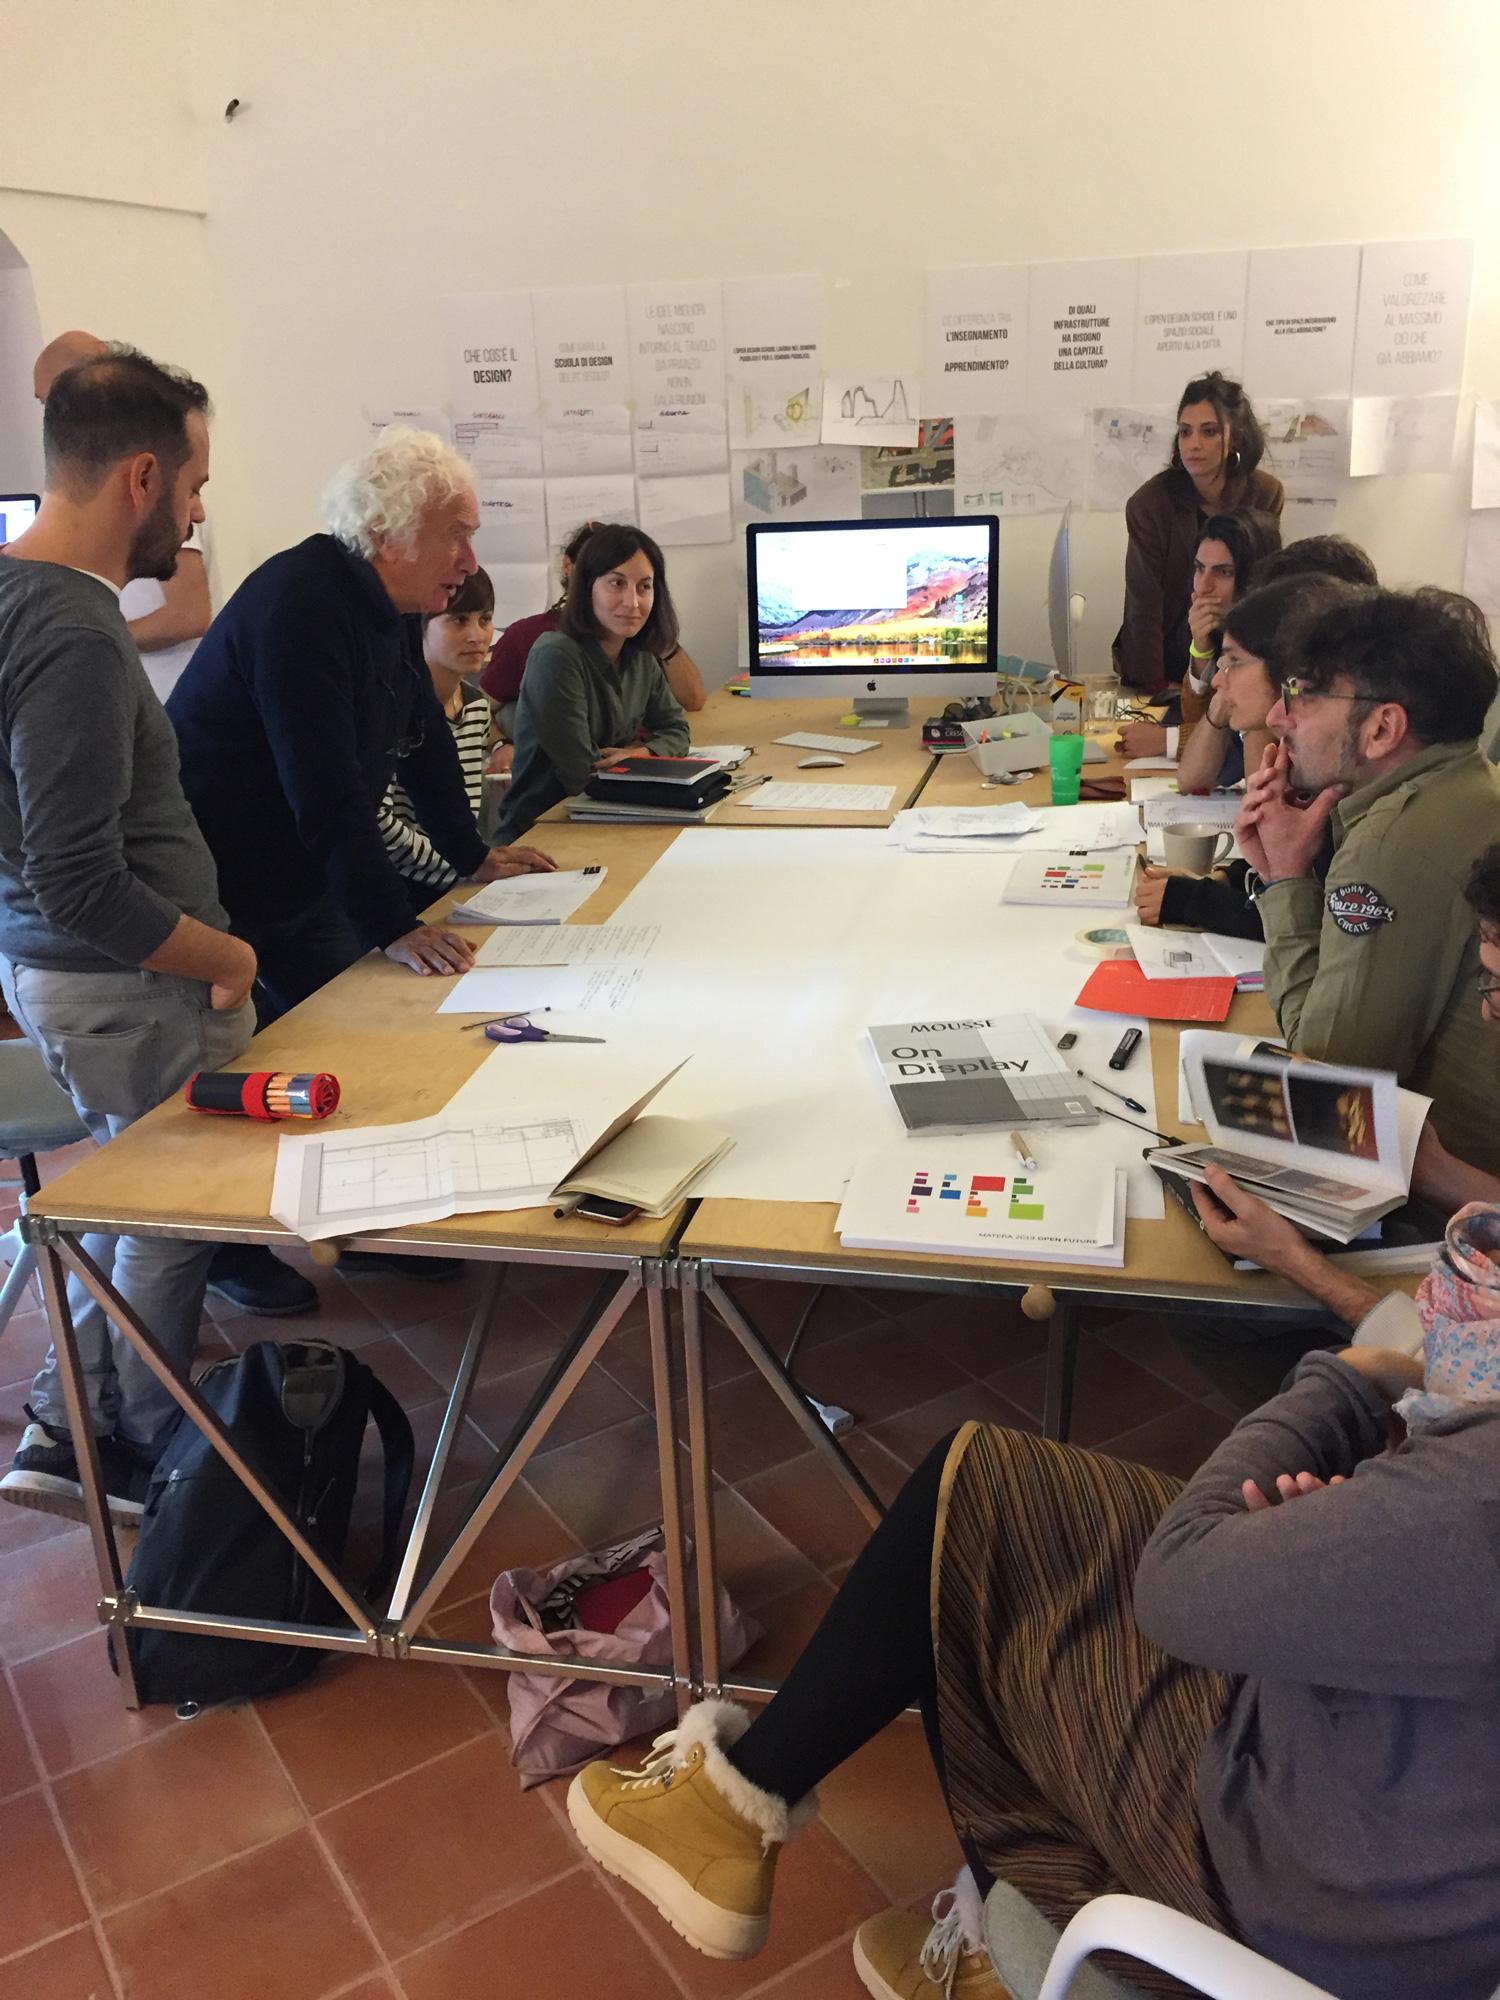 Workshop with Mario Cresci